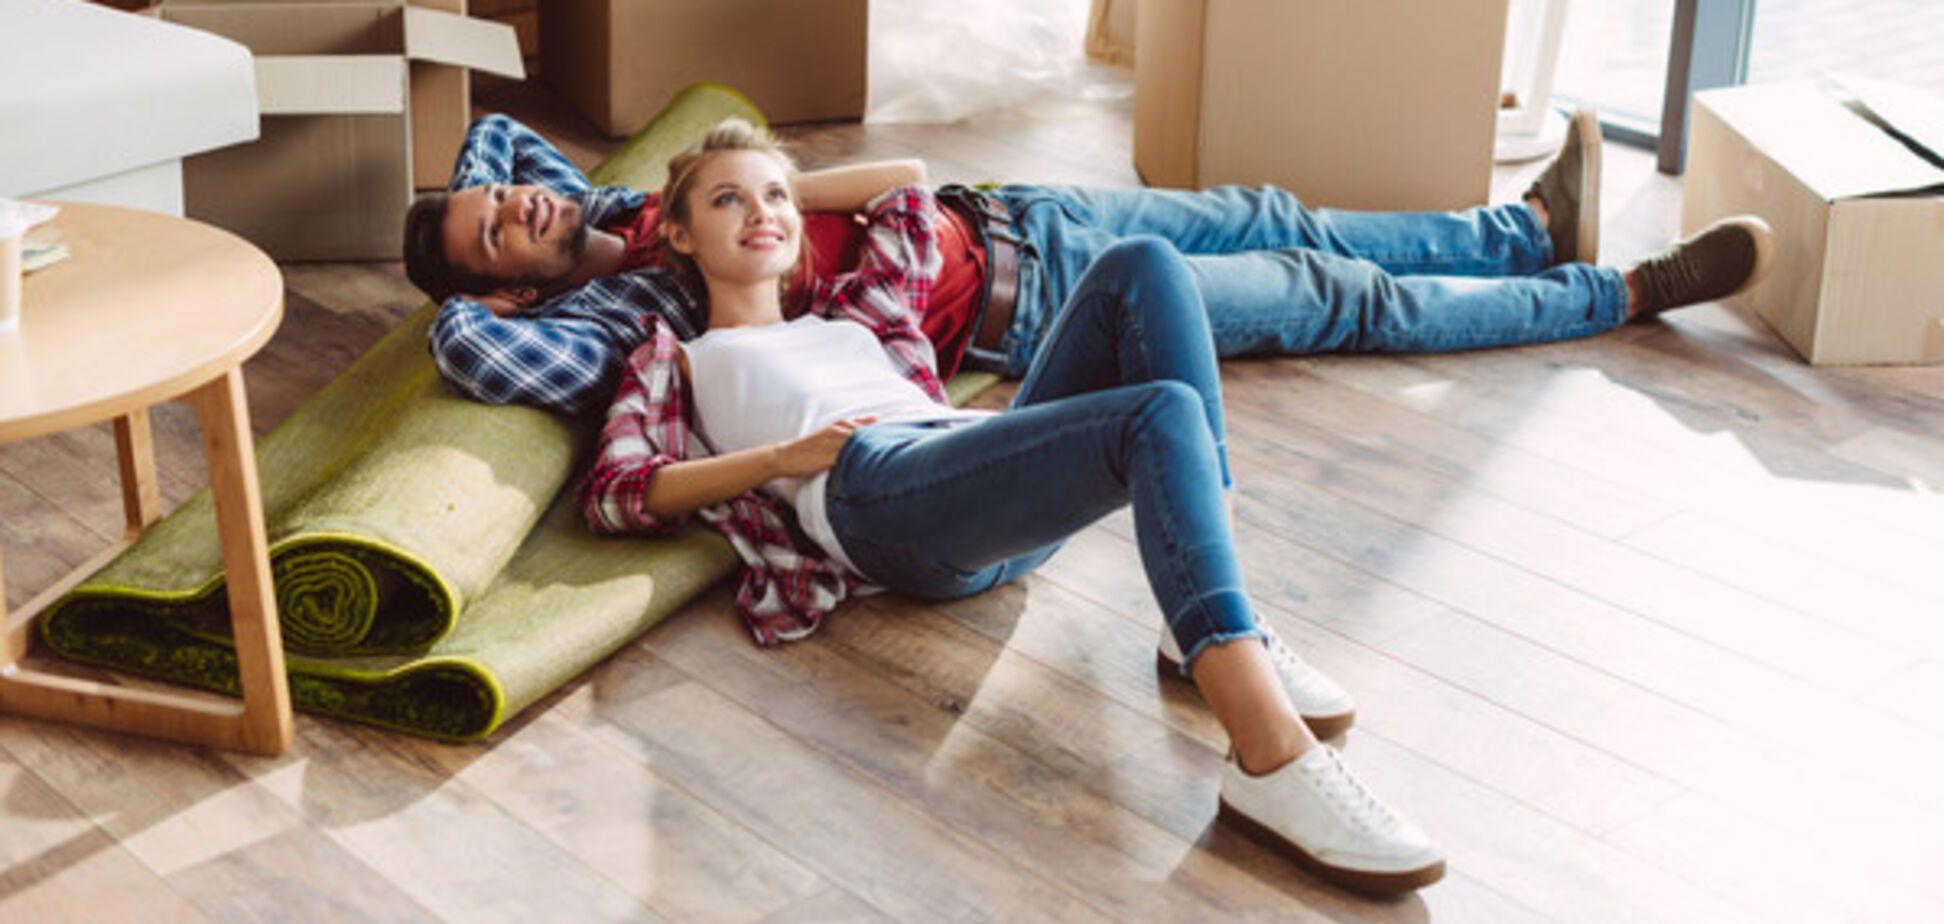 Взять квартиру в ипотеку или арендовать: как выгоднее жить в Днепре